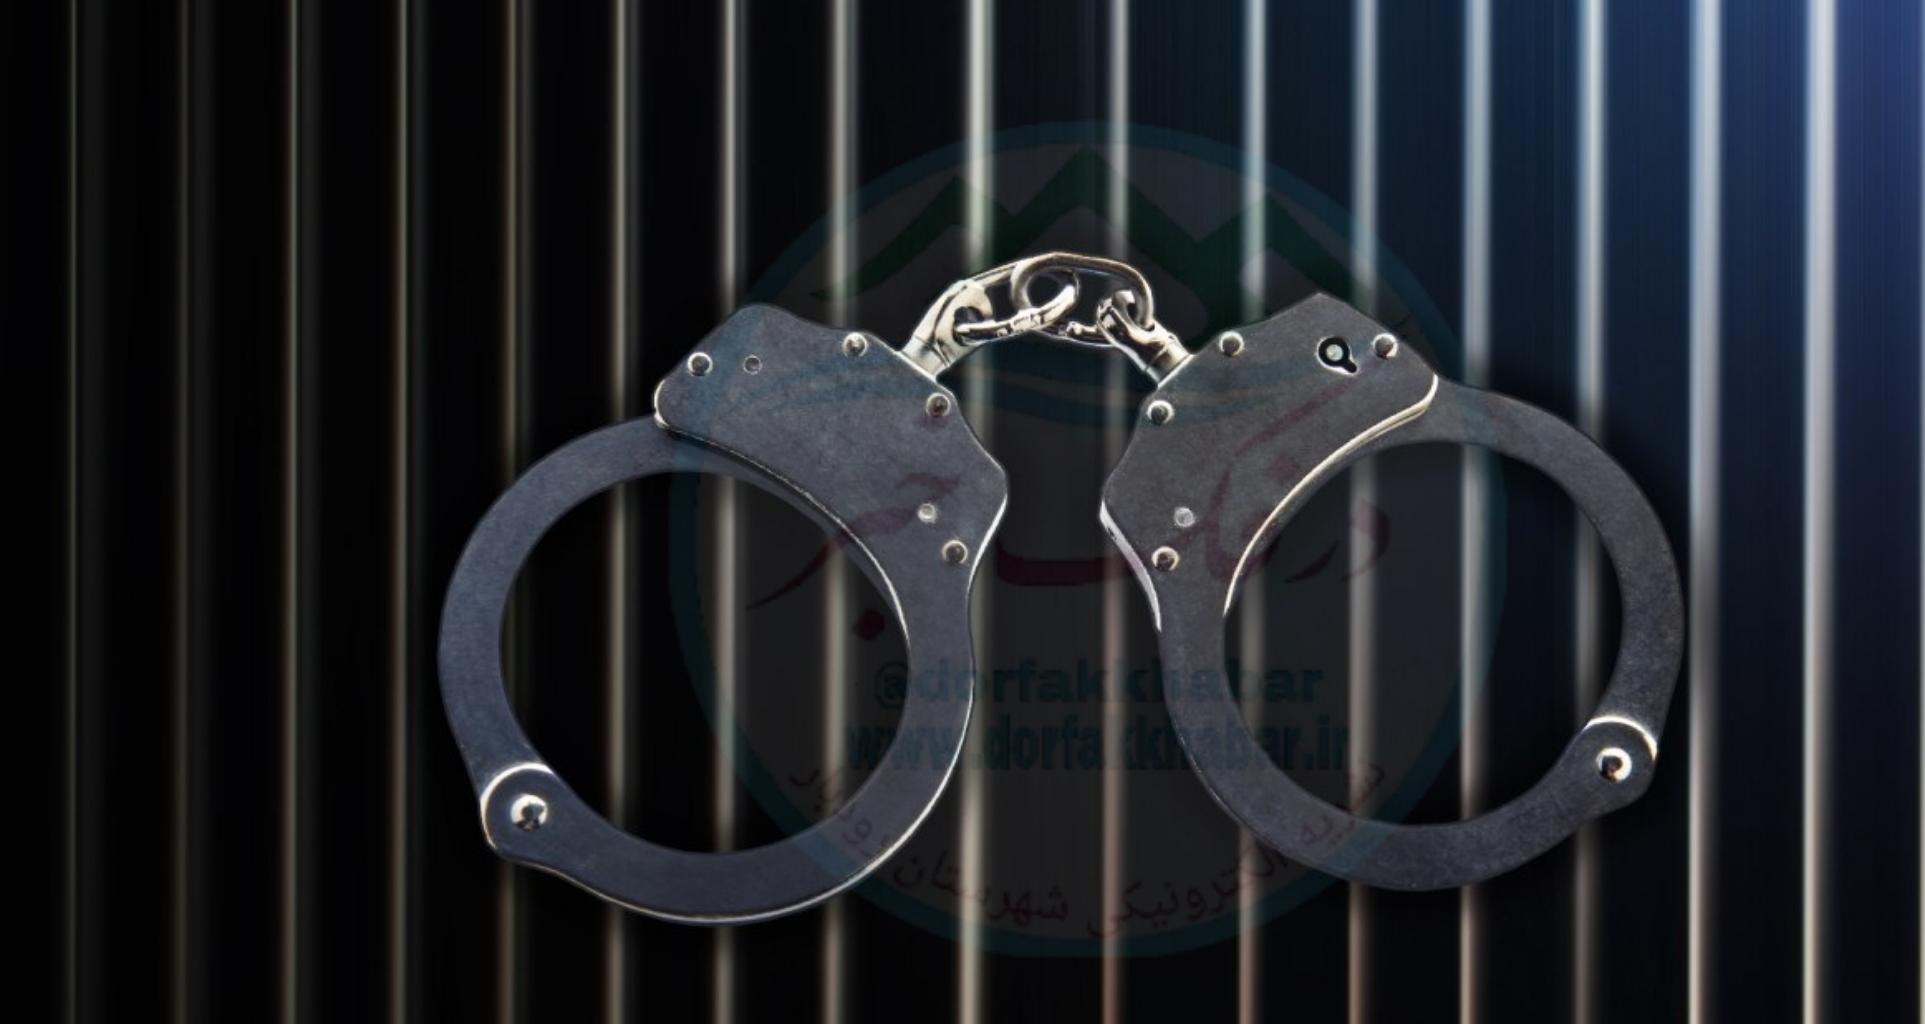 حفاران غیرمجاز در عمارلو دستگیر شدند